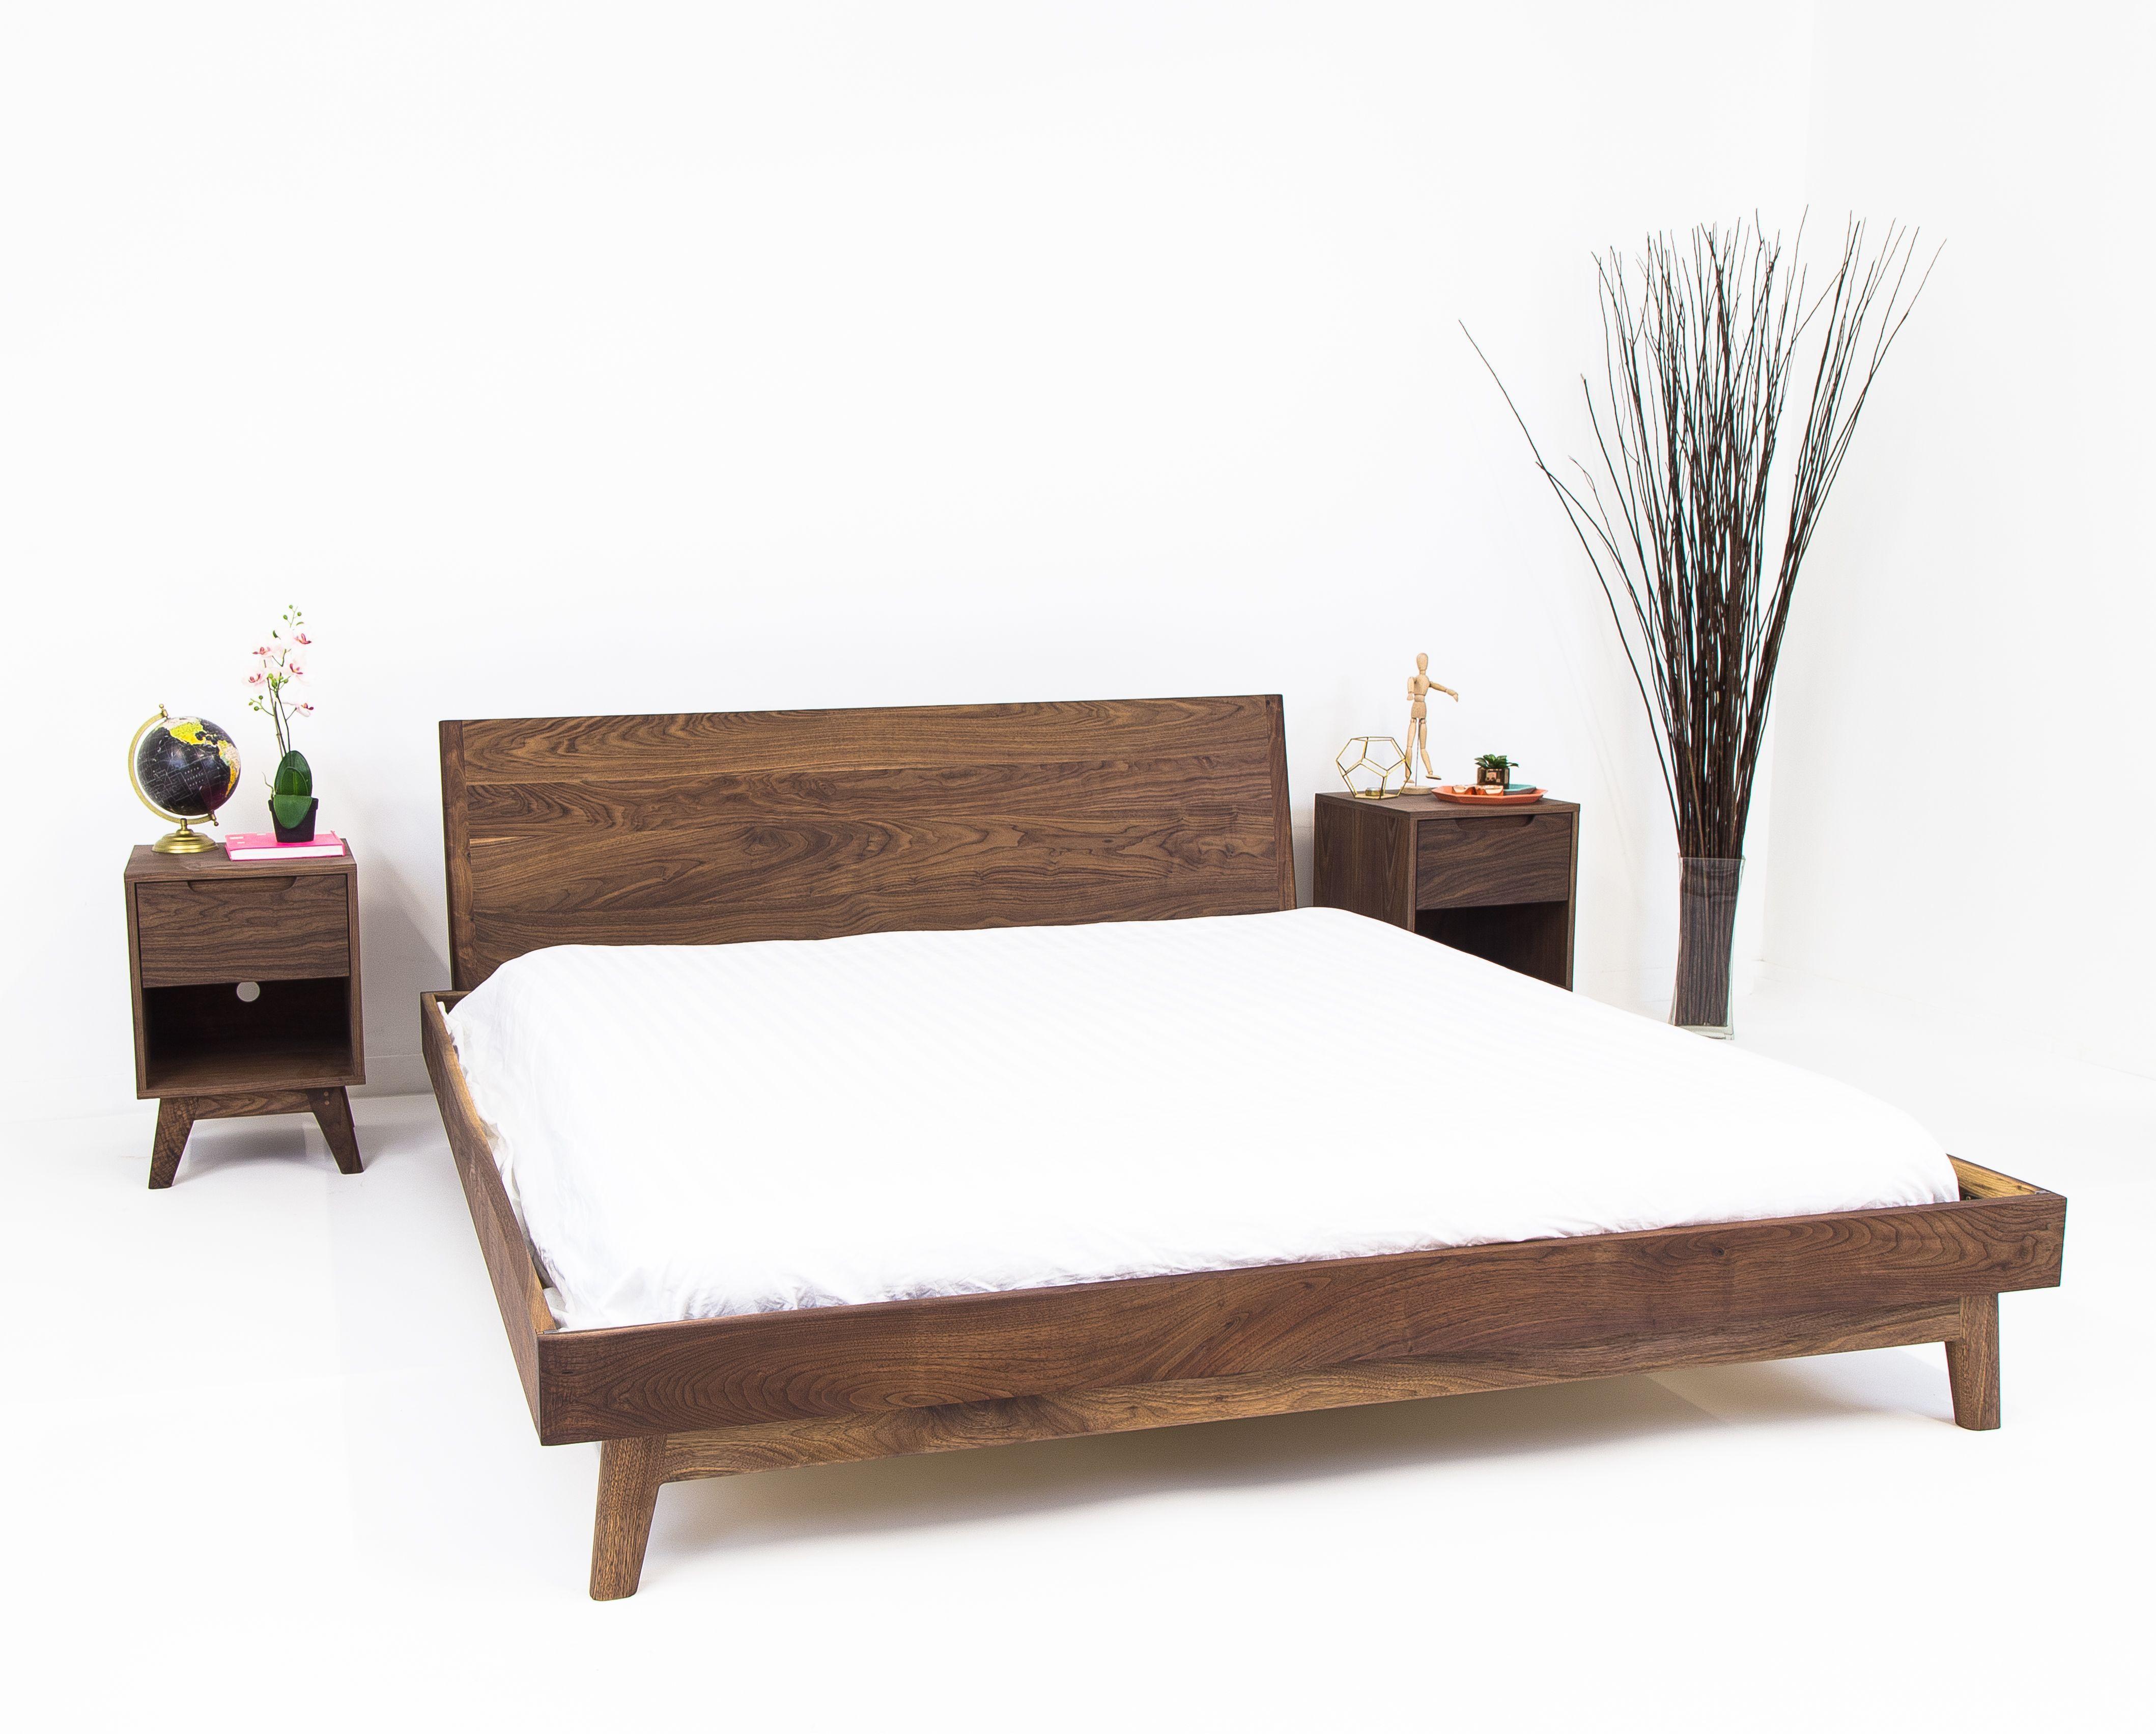 Low Nachttisch Fur Plattform Bett Design Und Style Von Den Night